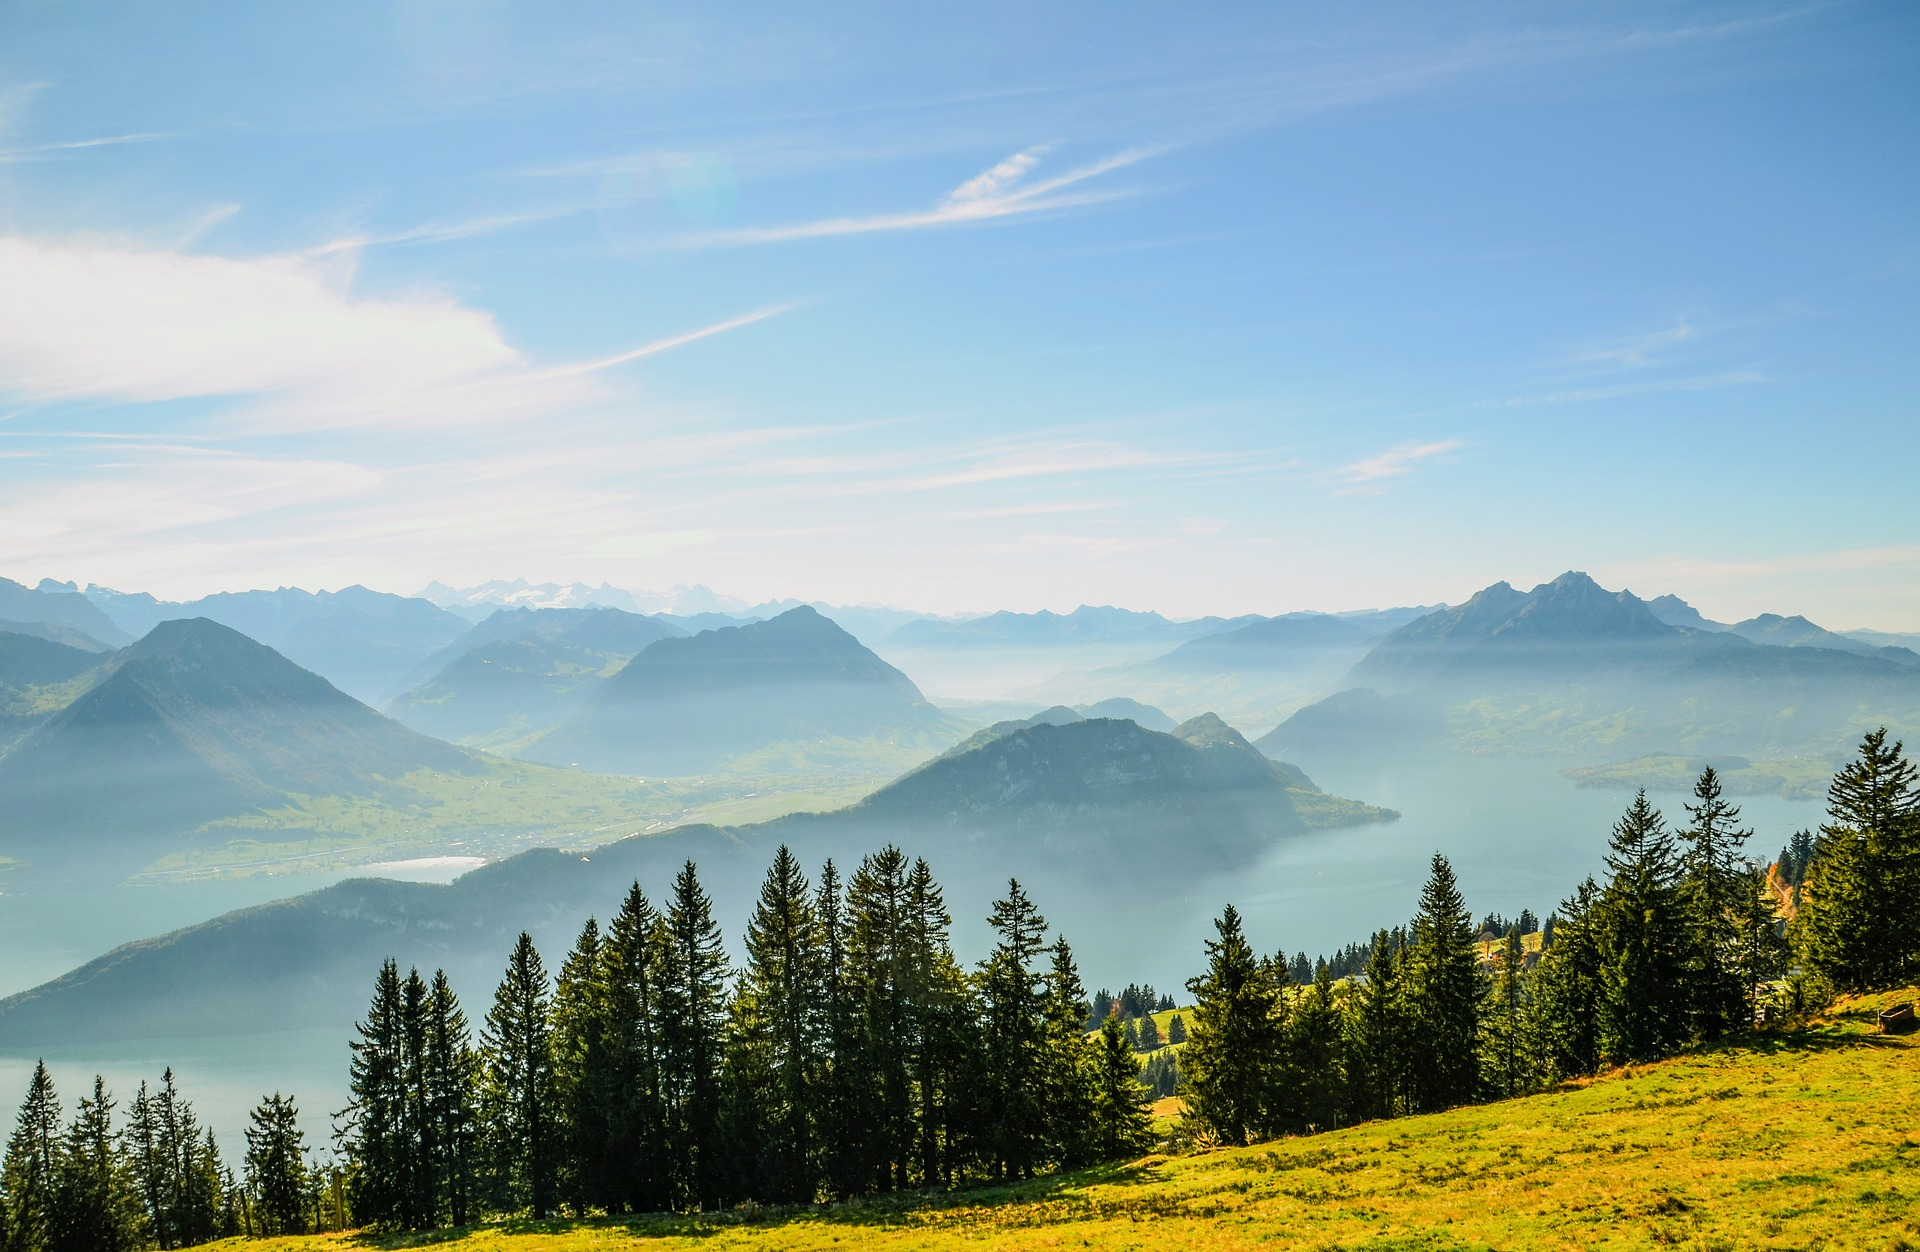 Alpine Mountain Peaks